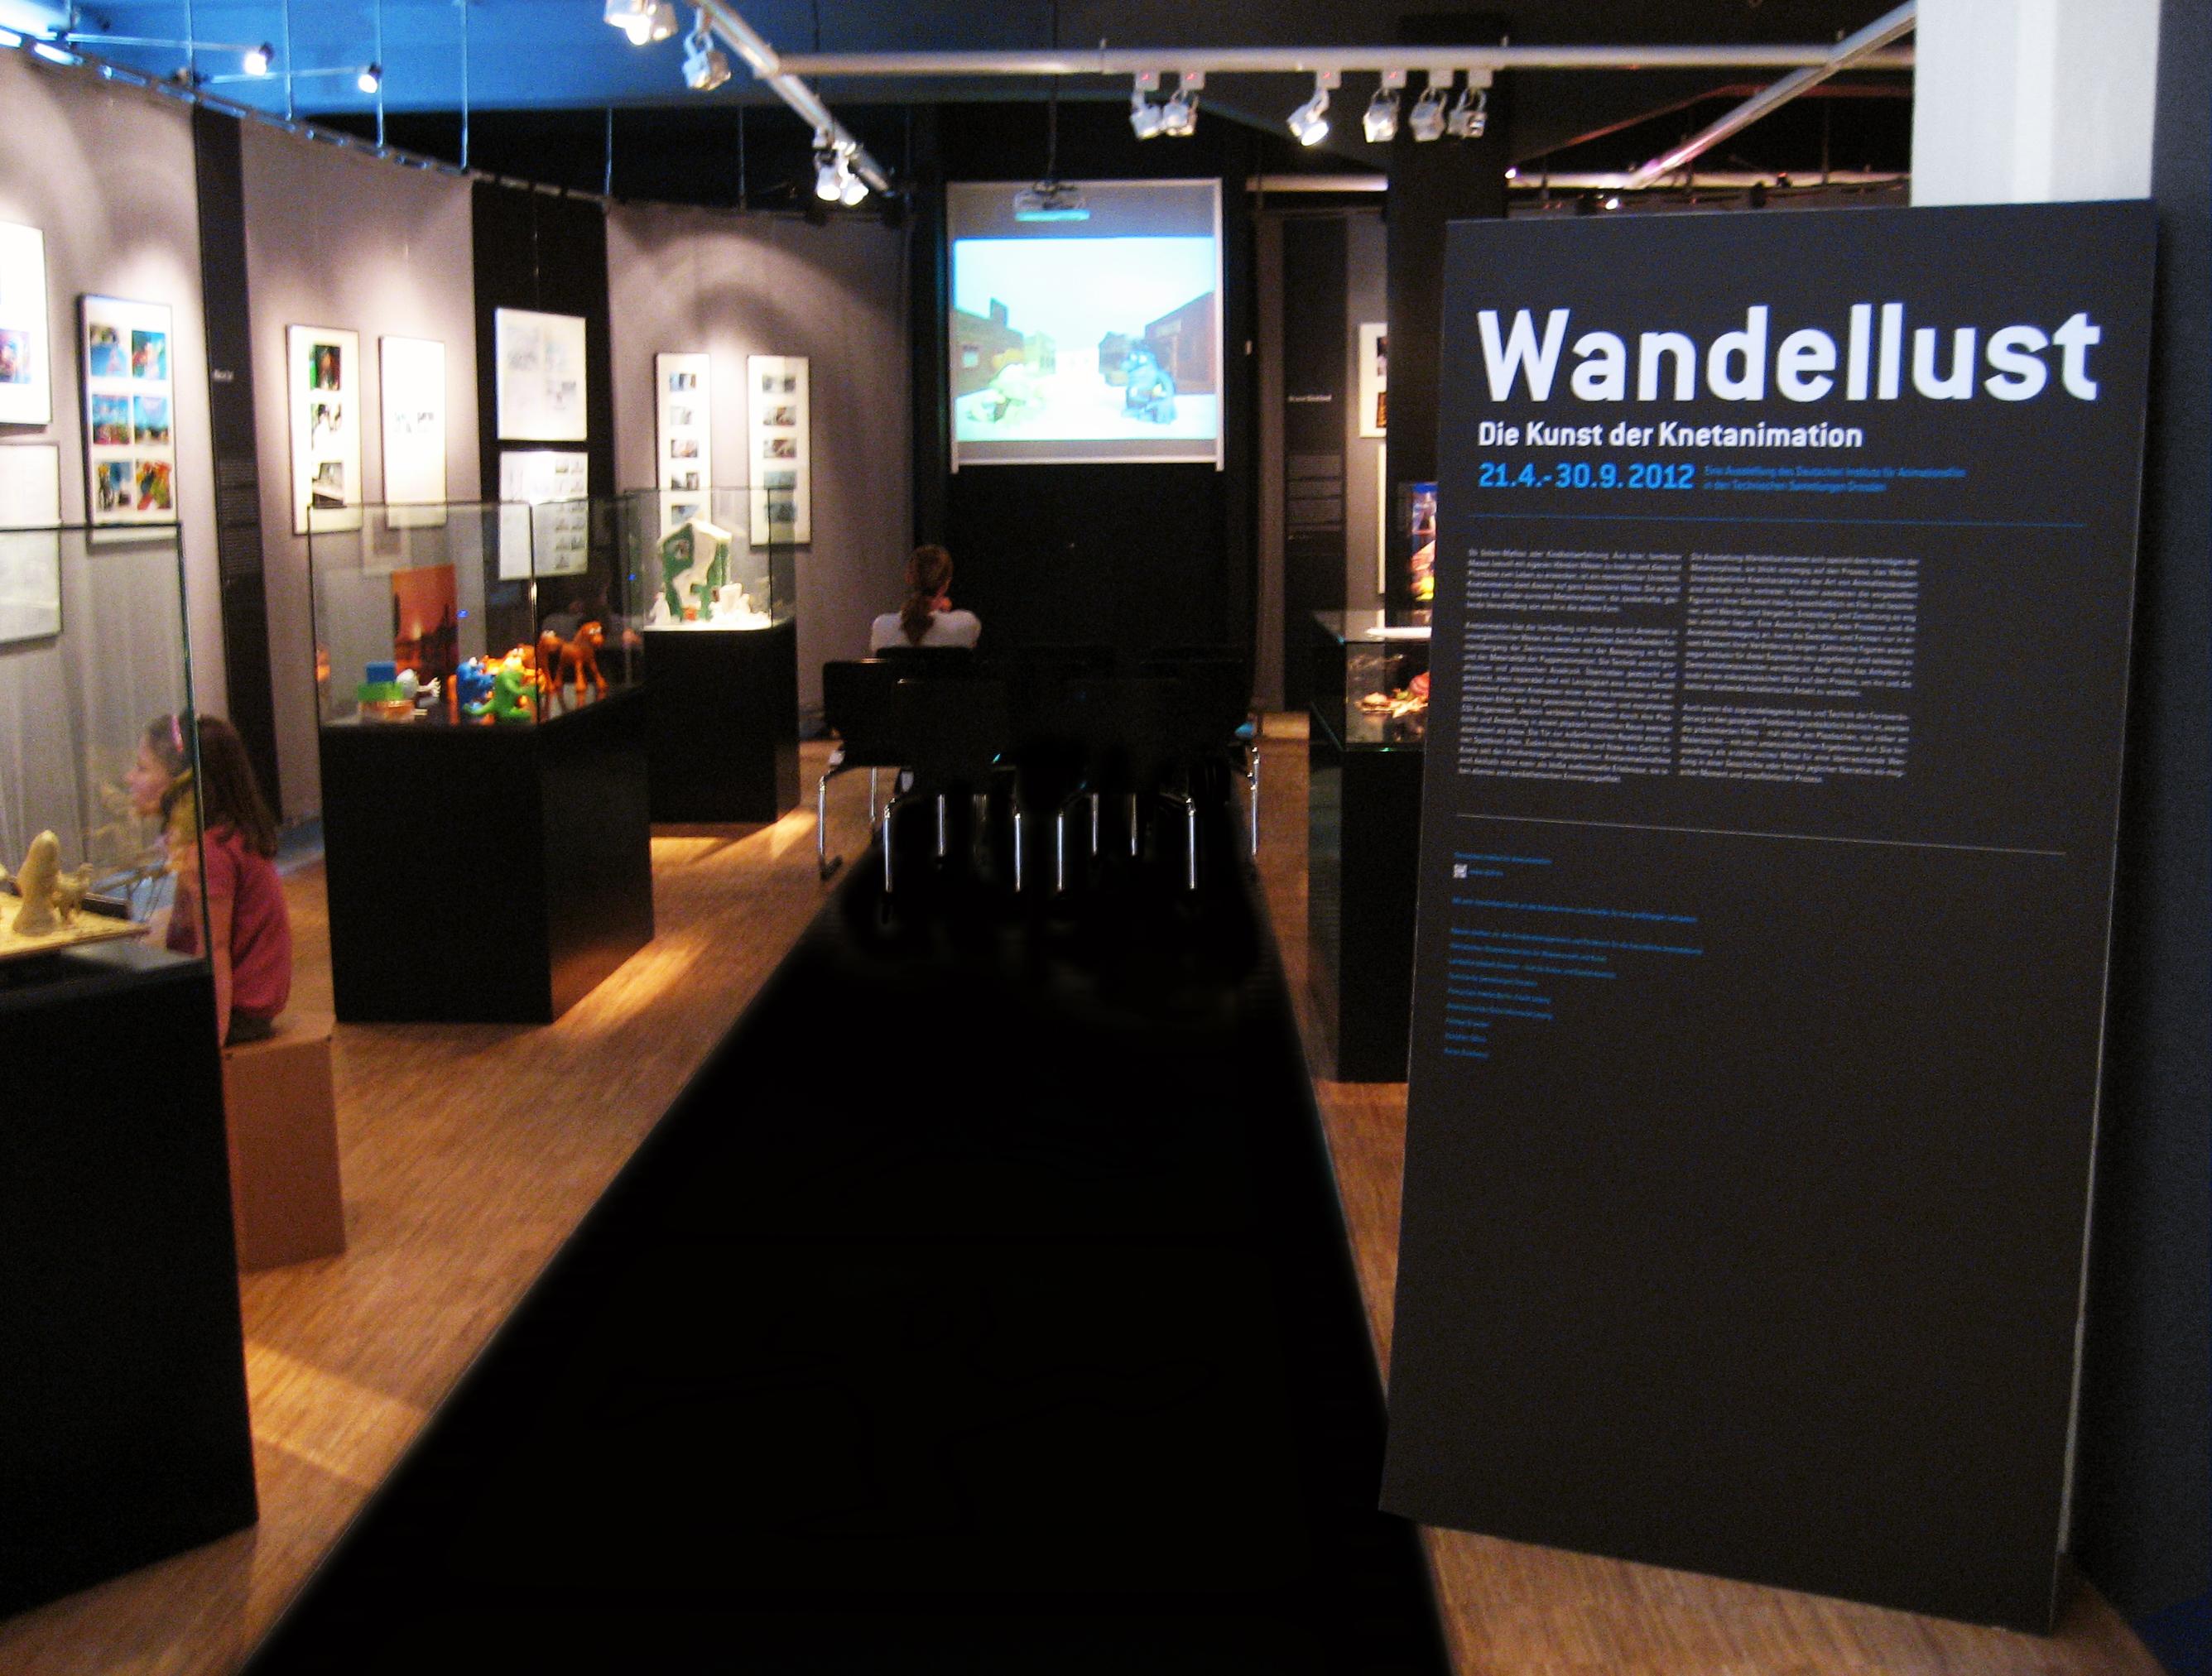 Wandellust udstilling